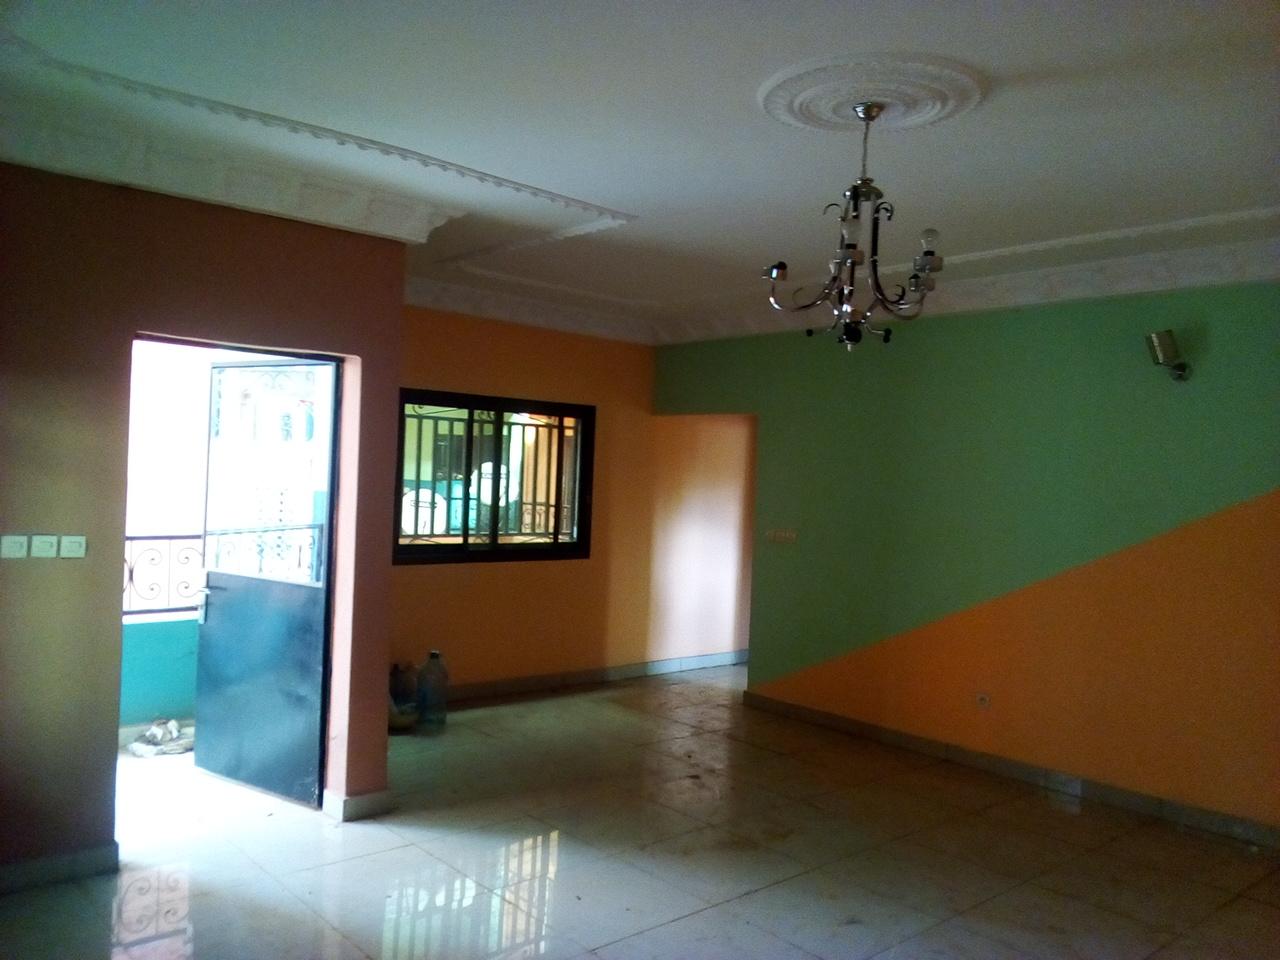 Appartement à louer - Yaoundé, Mimboman I, pas loin de dernier poteau - 1 salon(s), 2 chambre(s), 2 salle(s) de bains - 135 000 FCFA / mois